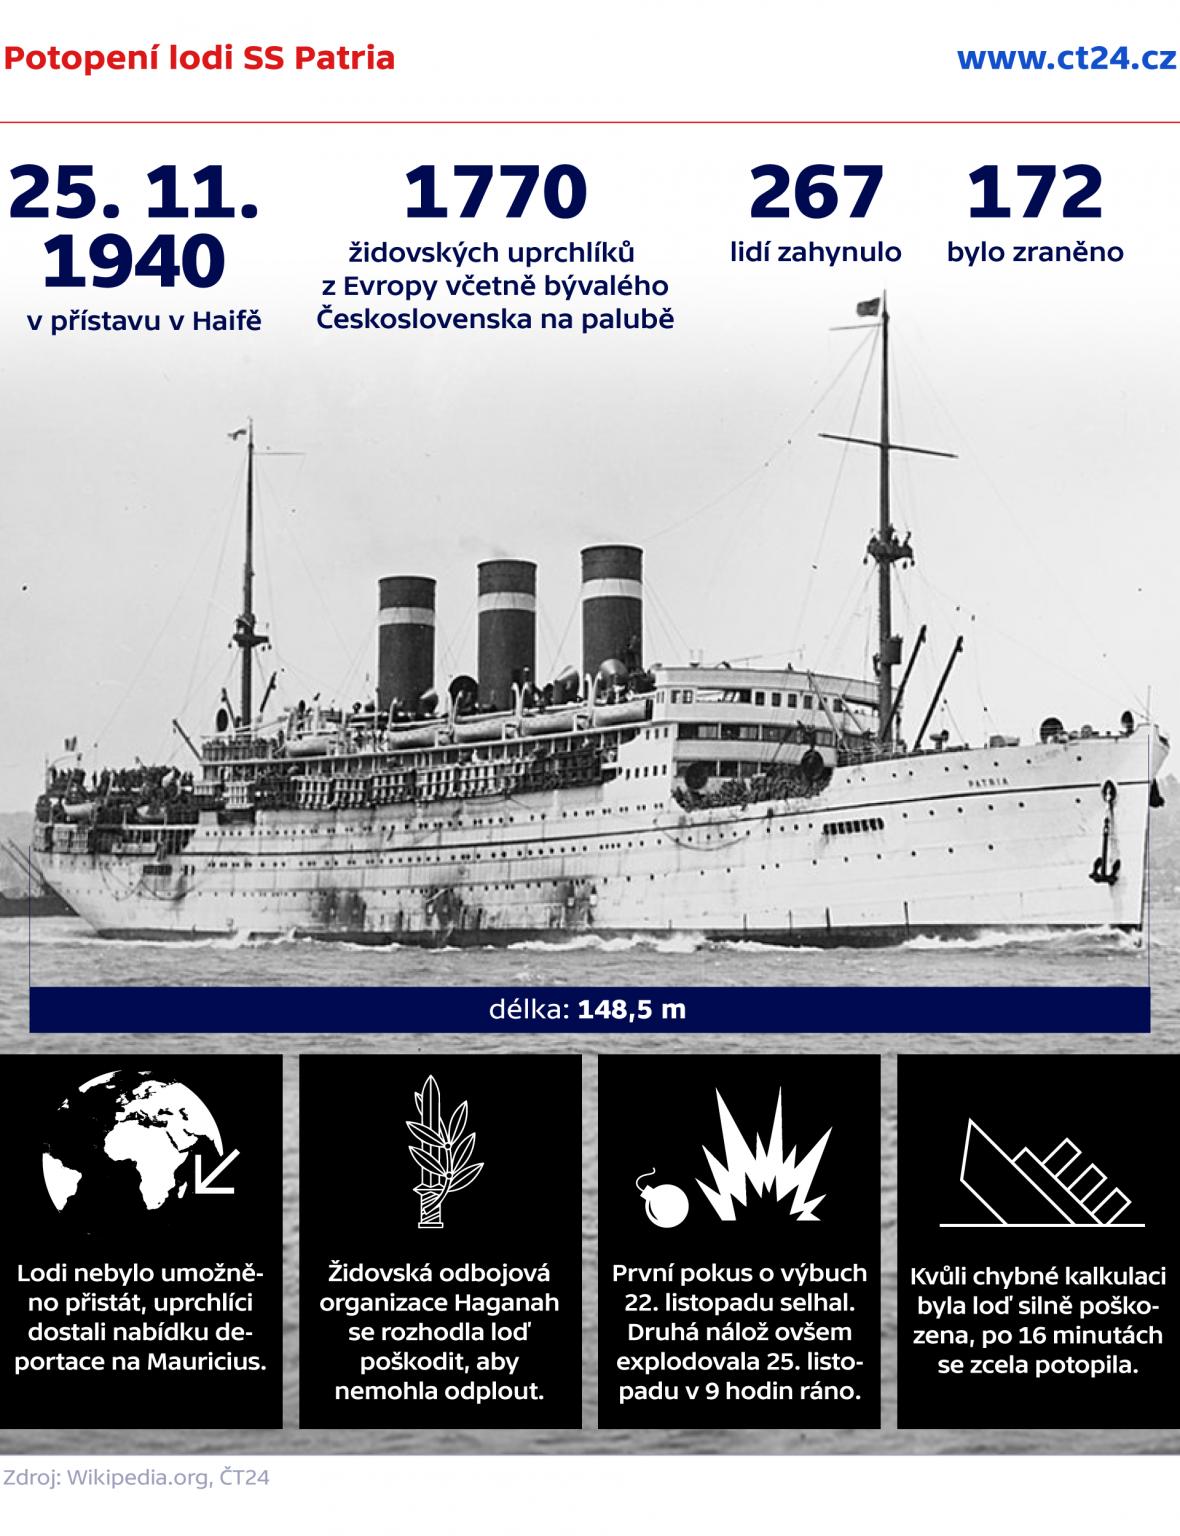 Potopení lodi SS Patria